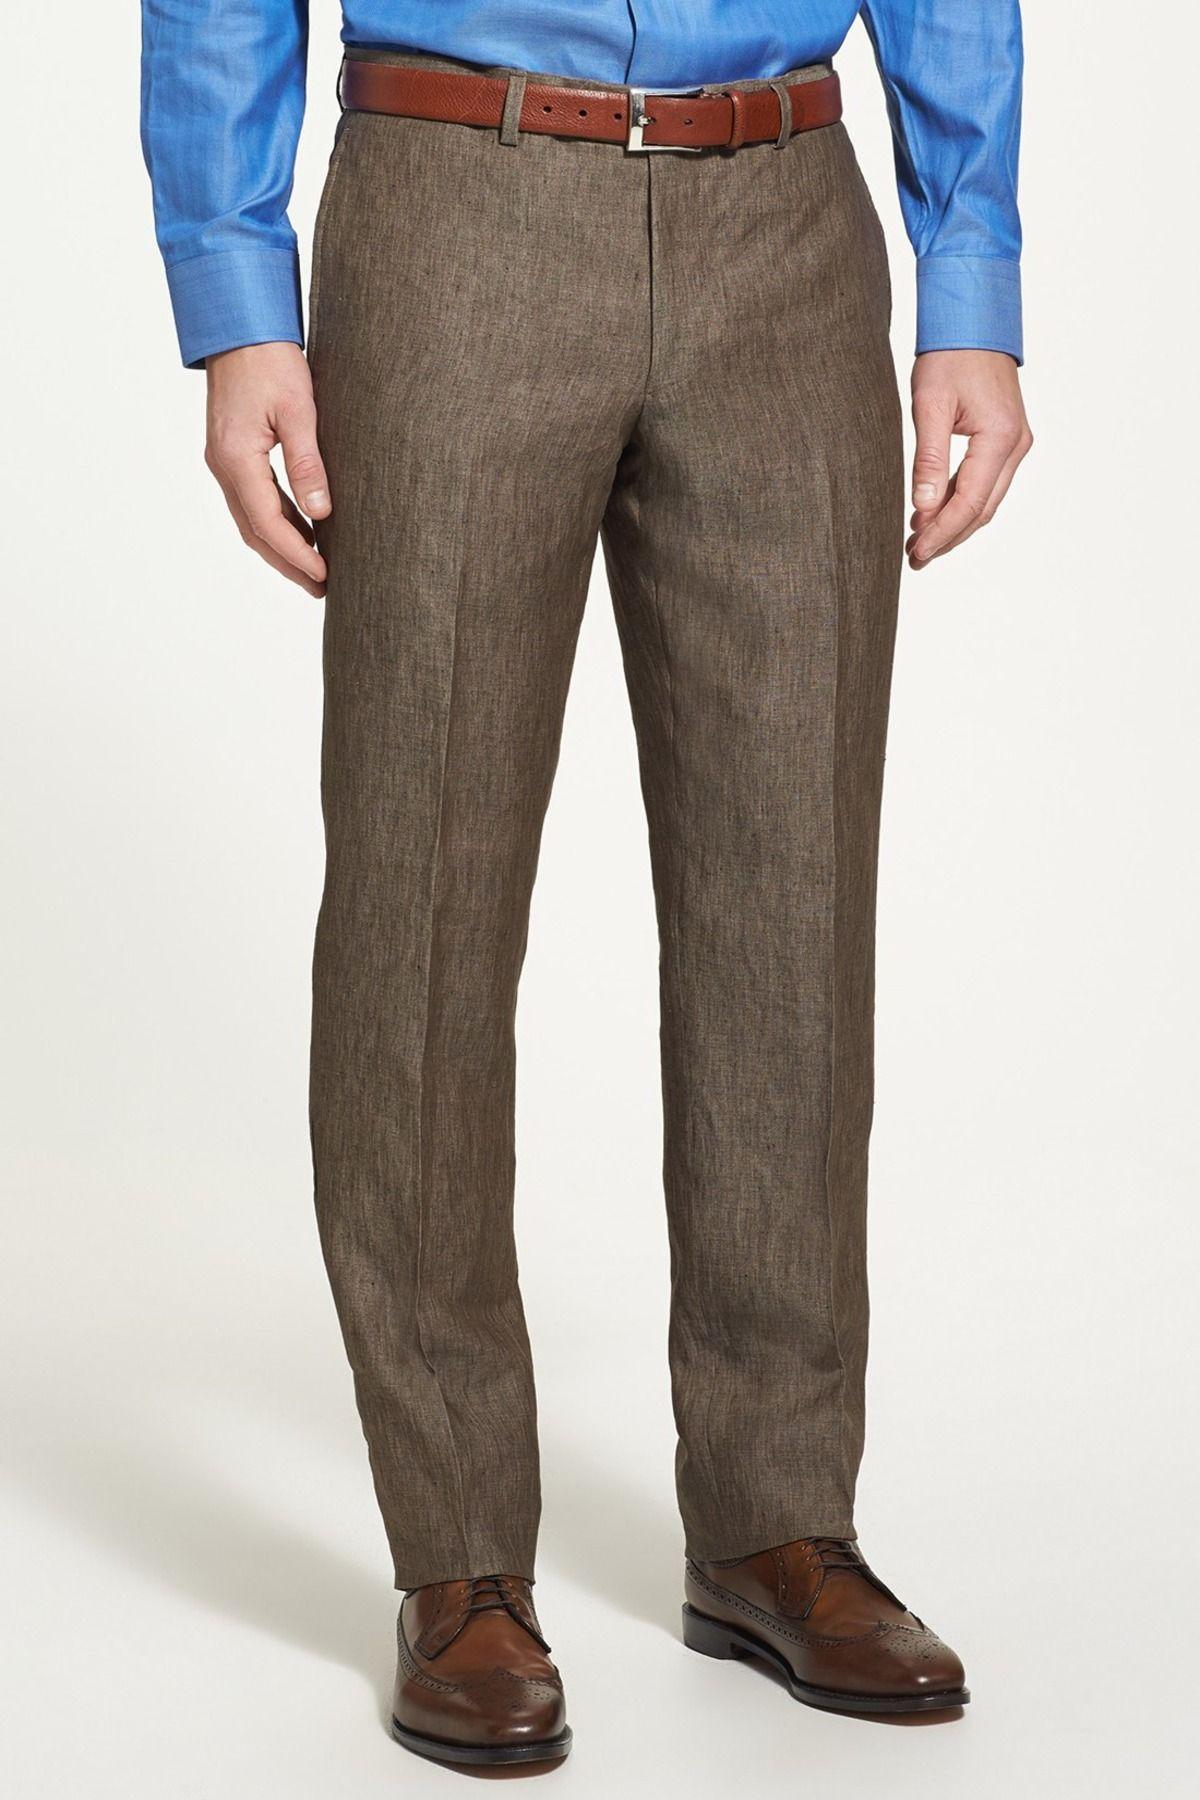 Nordstrom Rack Mens Formal Wear | Lauren Goss